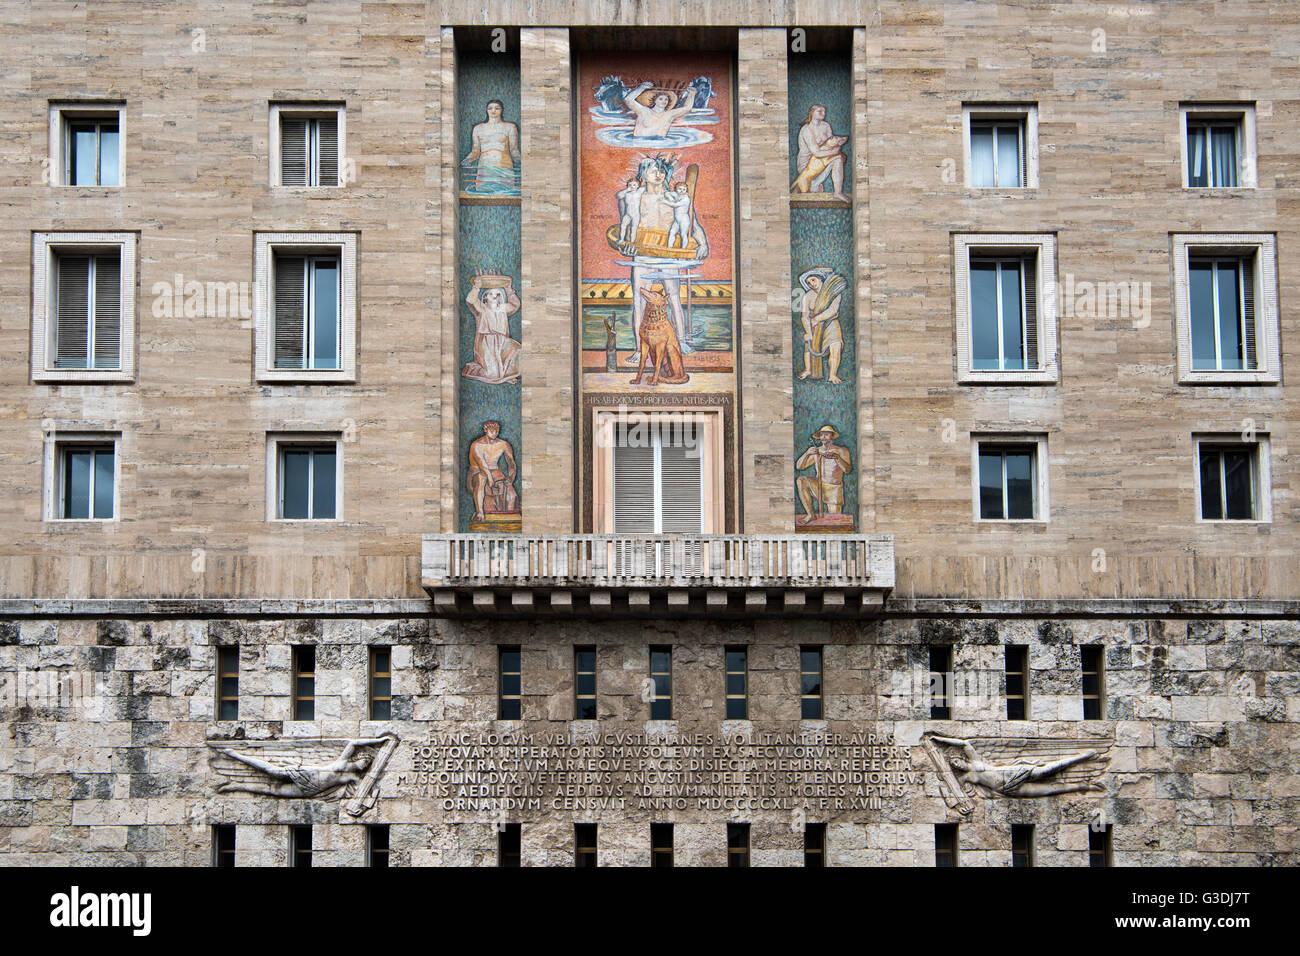 Italien, Rom, Via dei Pontefici am Piazza Augusto Imperatore, Faschistische Architektur von Mussolini, Neben Dem Stockbild